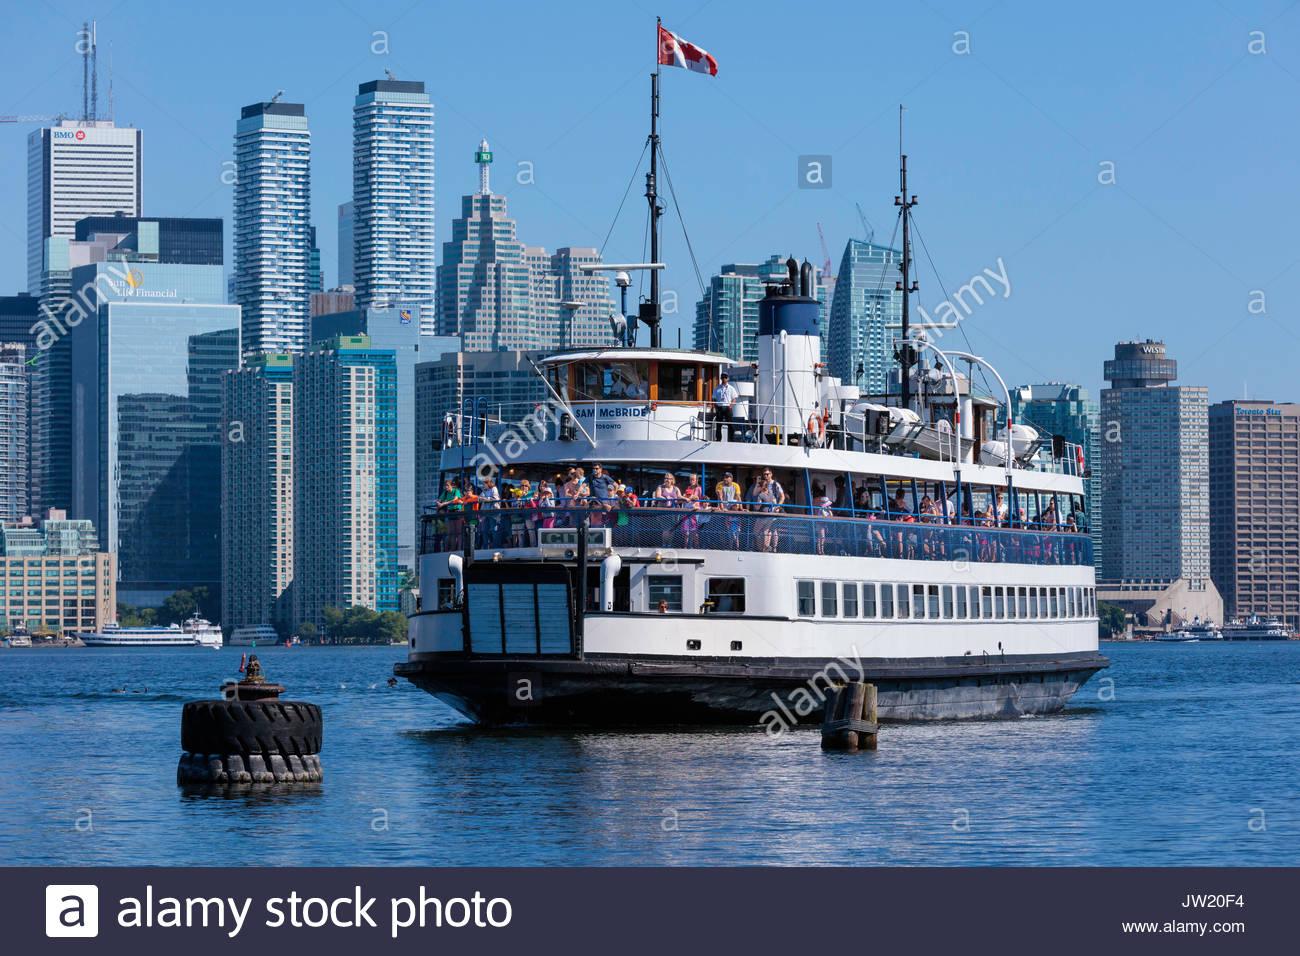 Ferry llegar Toronto Islands Parque horizonte de Toronto ciudad waterfront Toronto Ontario Canada Imagen De Stock